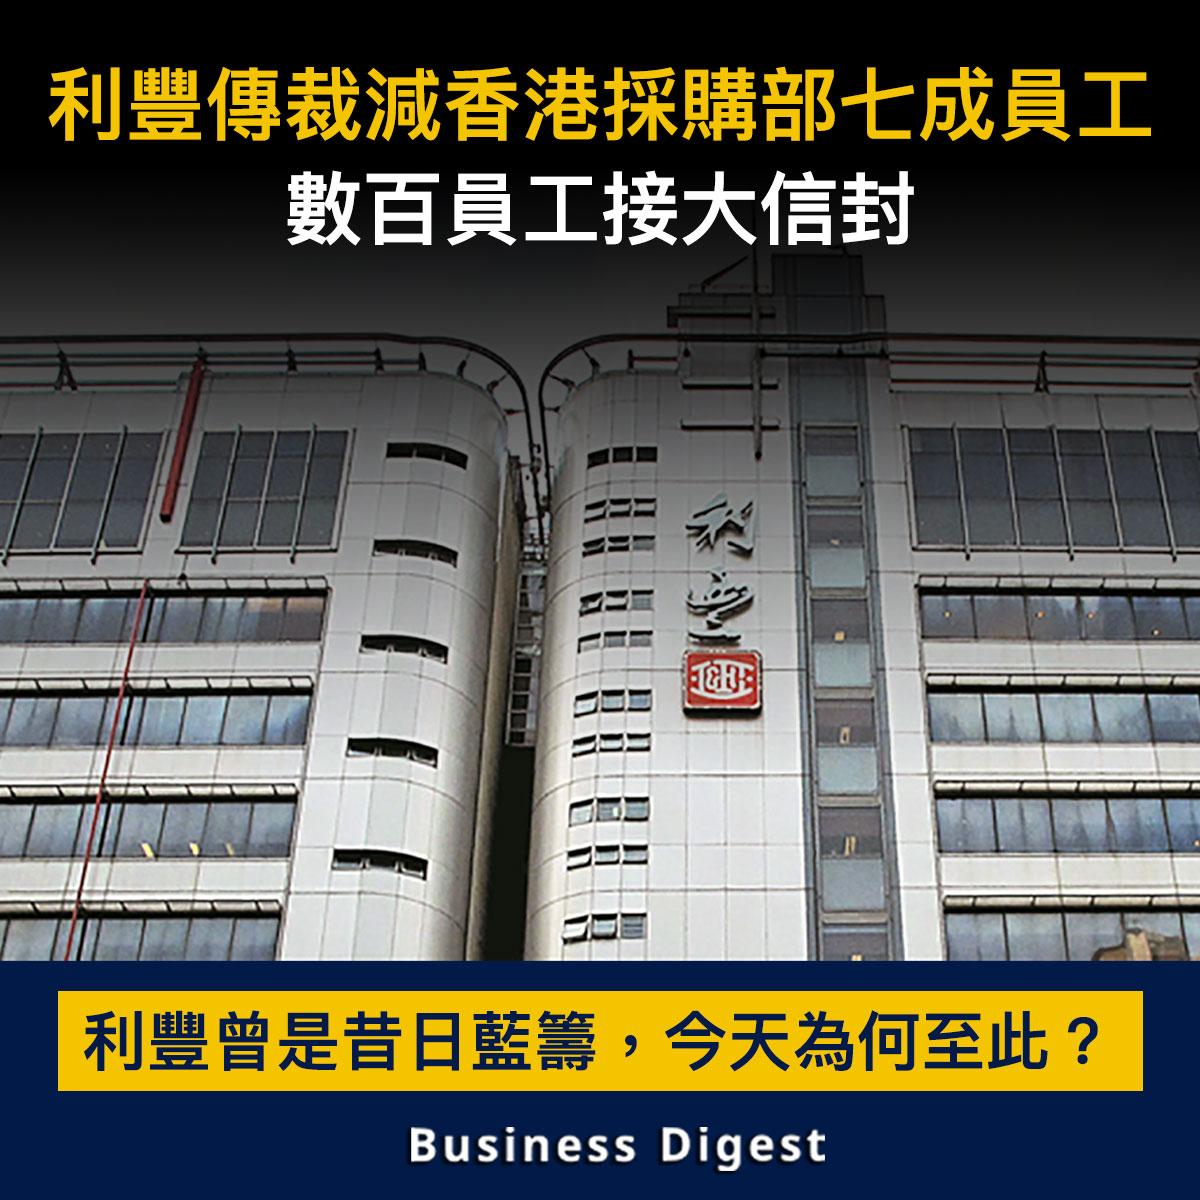 【商業熱話】利豐傳裁減香港採購部七成員工,數百員工接大信封